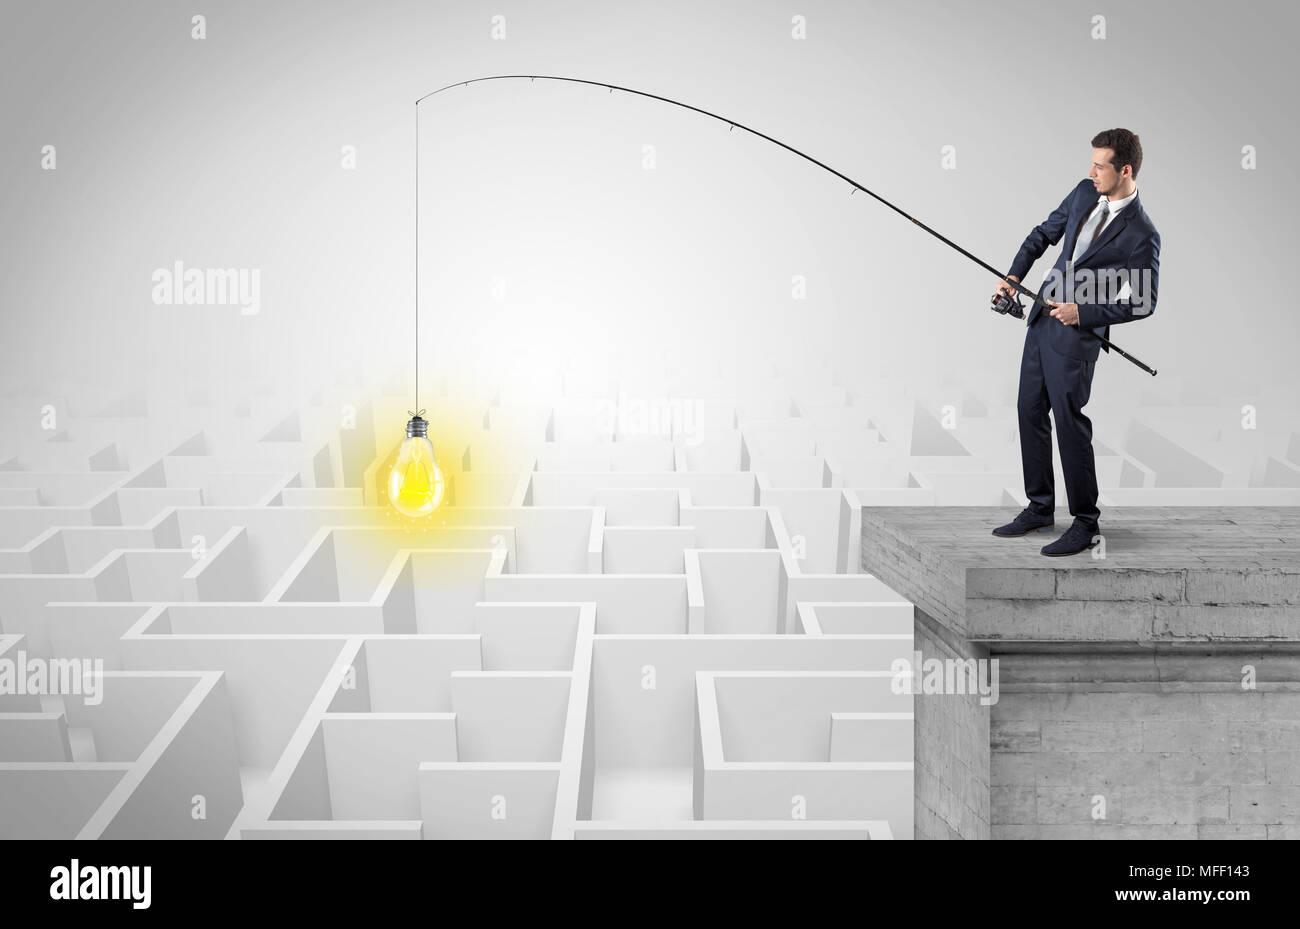 Young businessman pêche à la nouvelle idée concept sur le haut d'un immeuble d'un labyrinthe Photo Stock